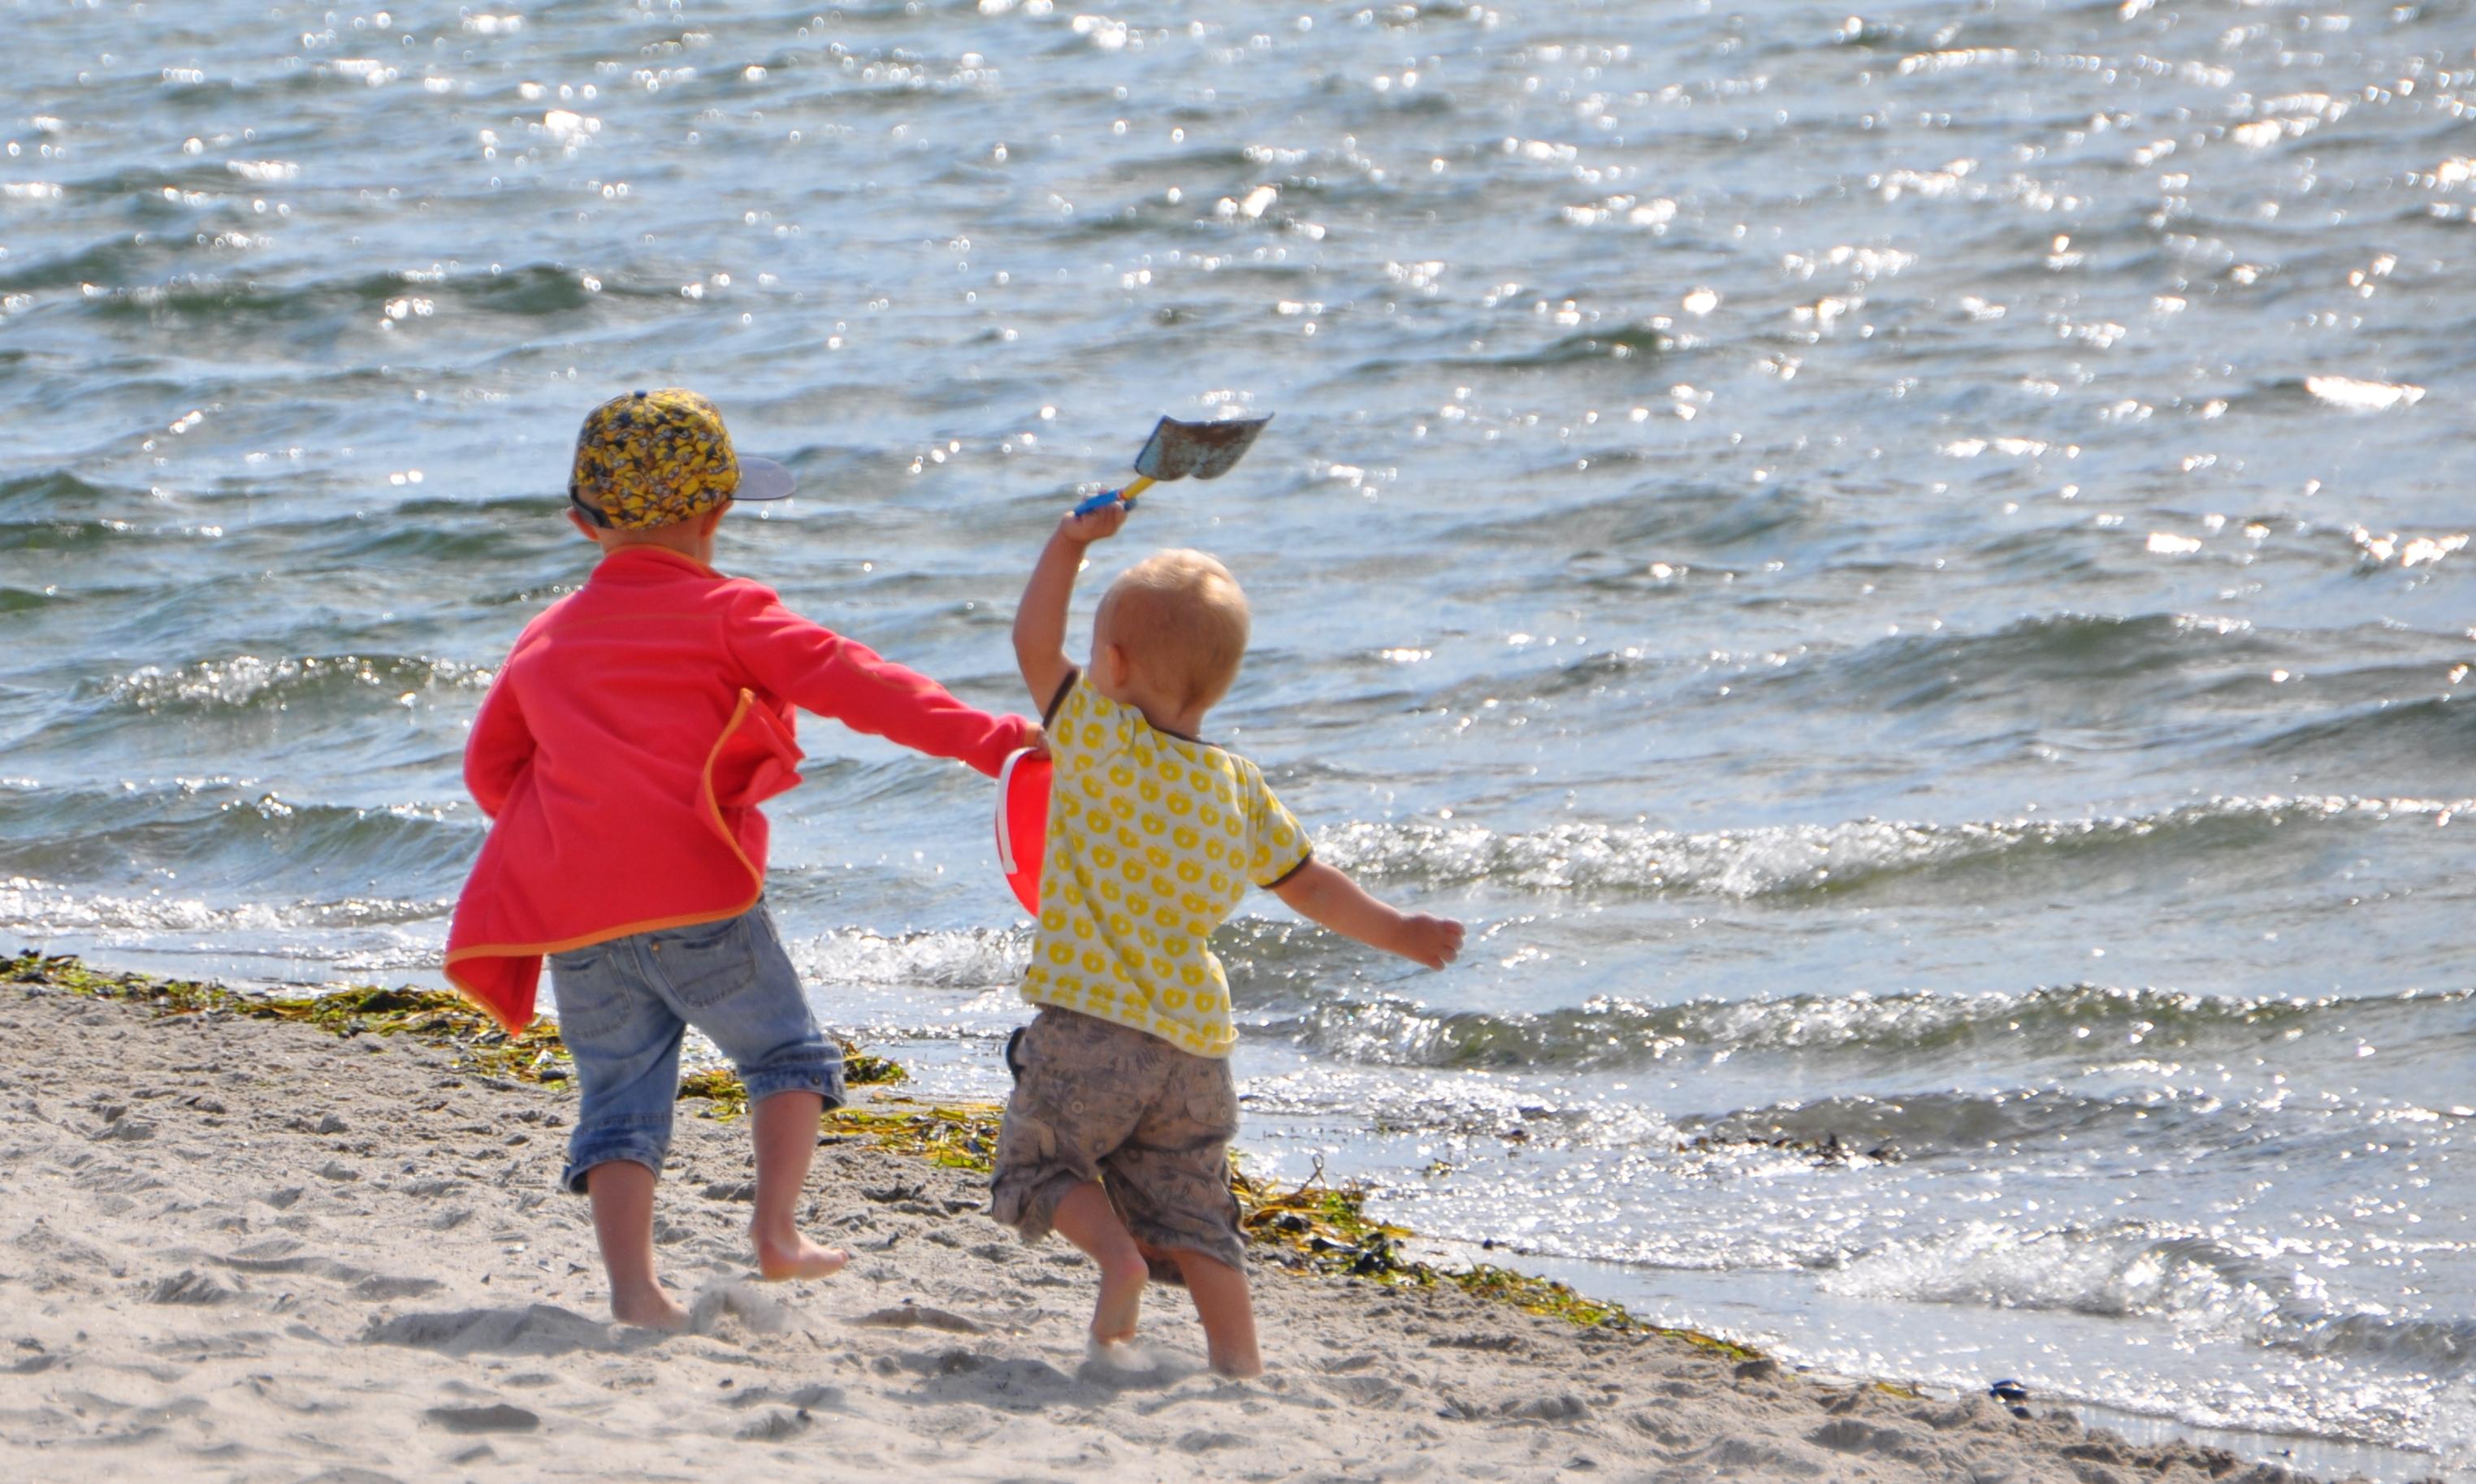 Geschwisterstreit: Unser Top-3-Gründe für Brüderkämpfe